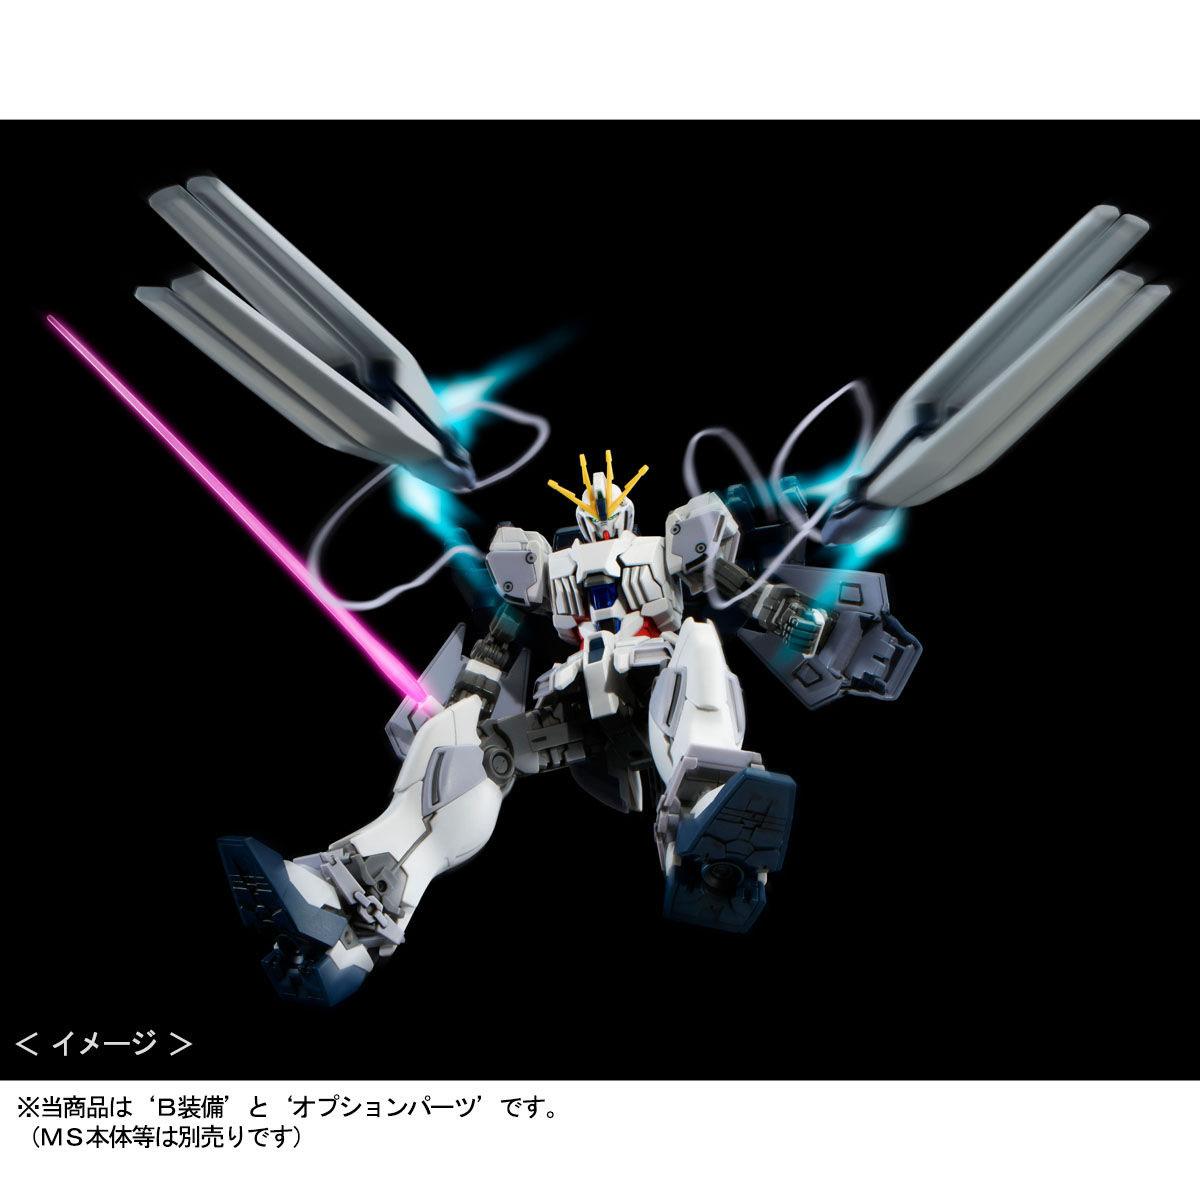 HG 1/144『ナラティブガンダム用 B装備拡張セット』ガンダムNT プラモデル-010